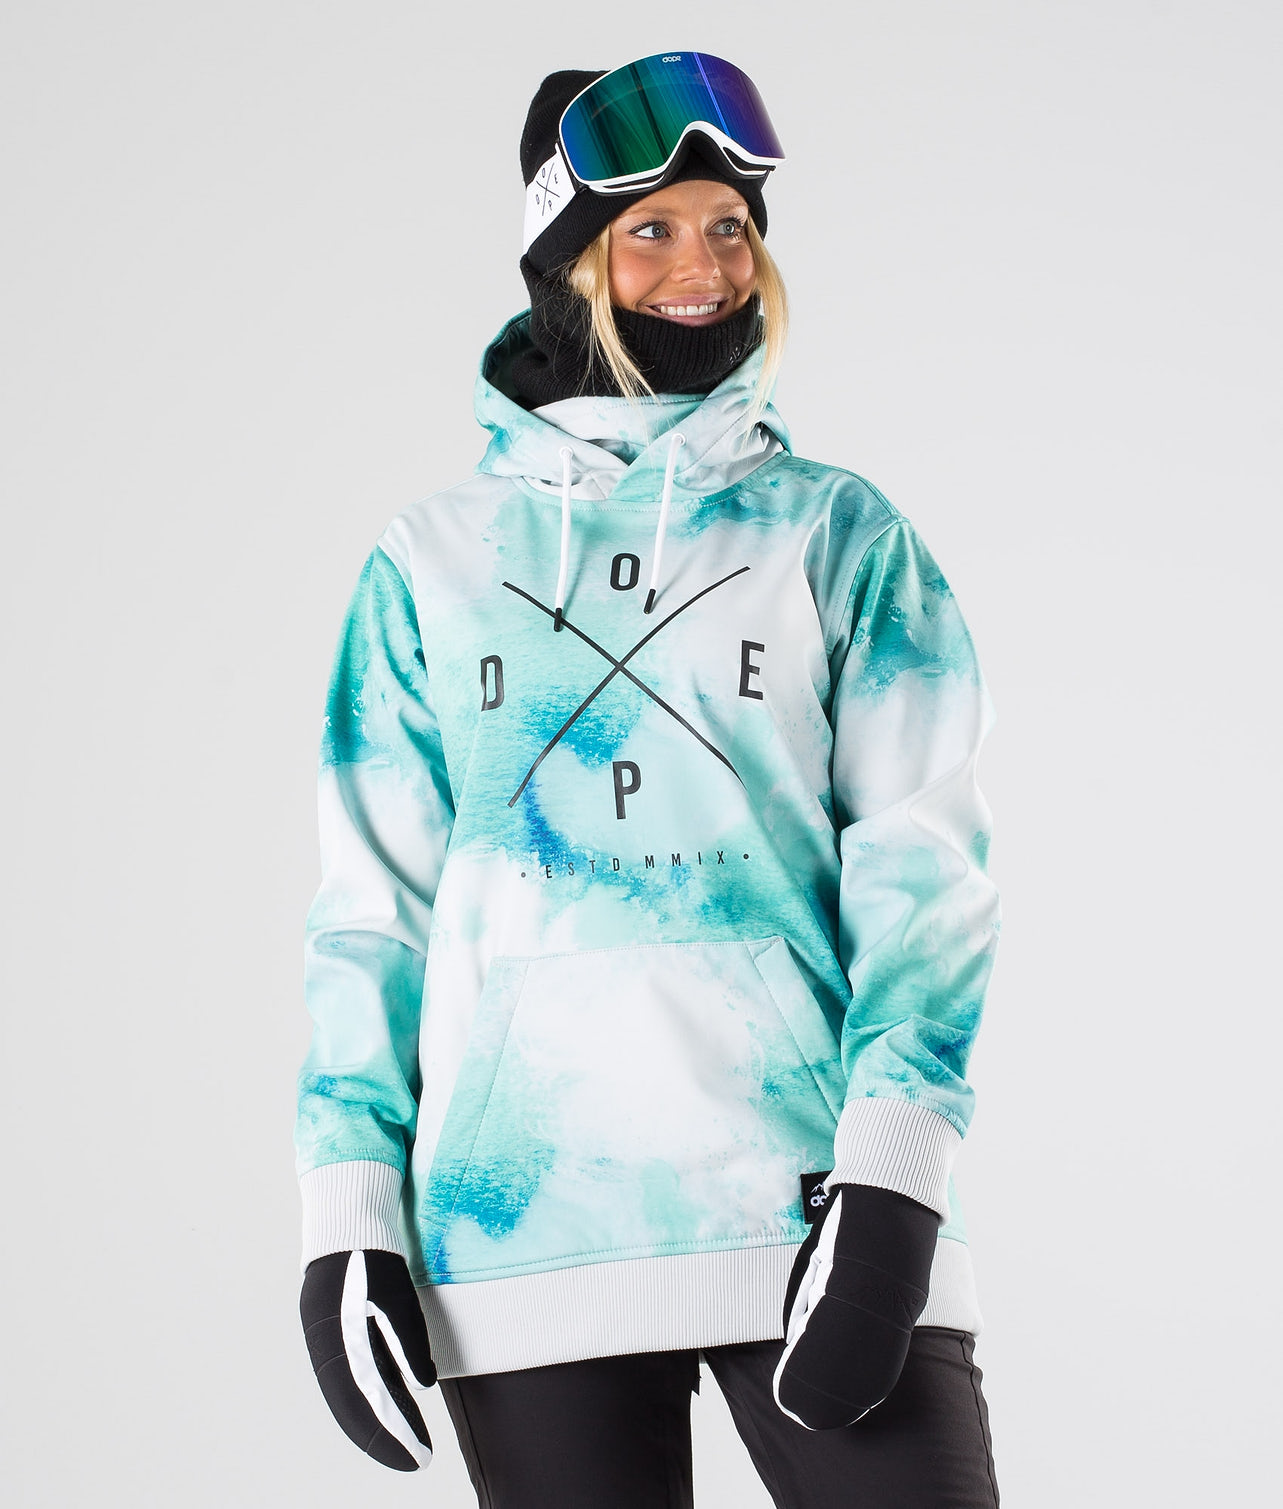 Kjøp Yeti W Skijakke fra Dope på Ridestore.no - Hos oss har du alltid fri frakt, fri retur og 30 dagers åpent kjøp!